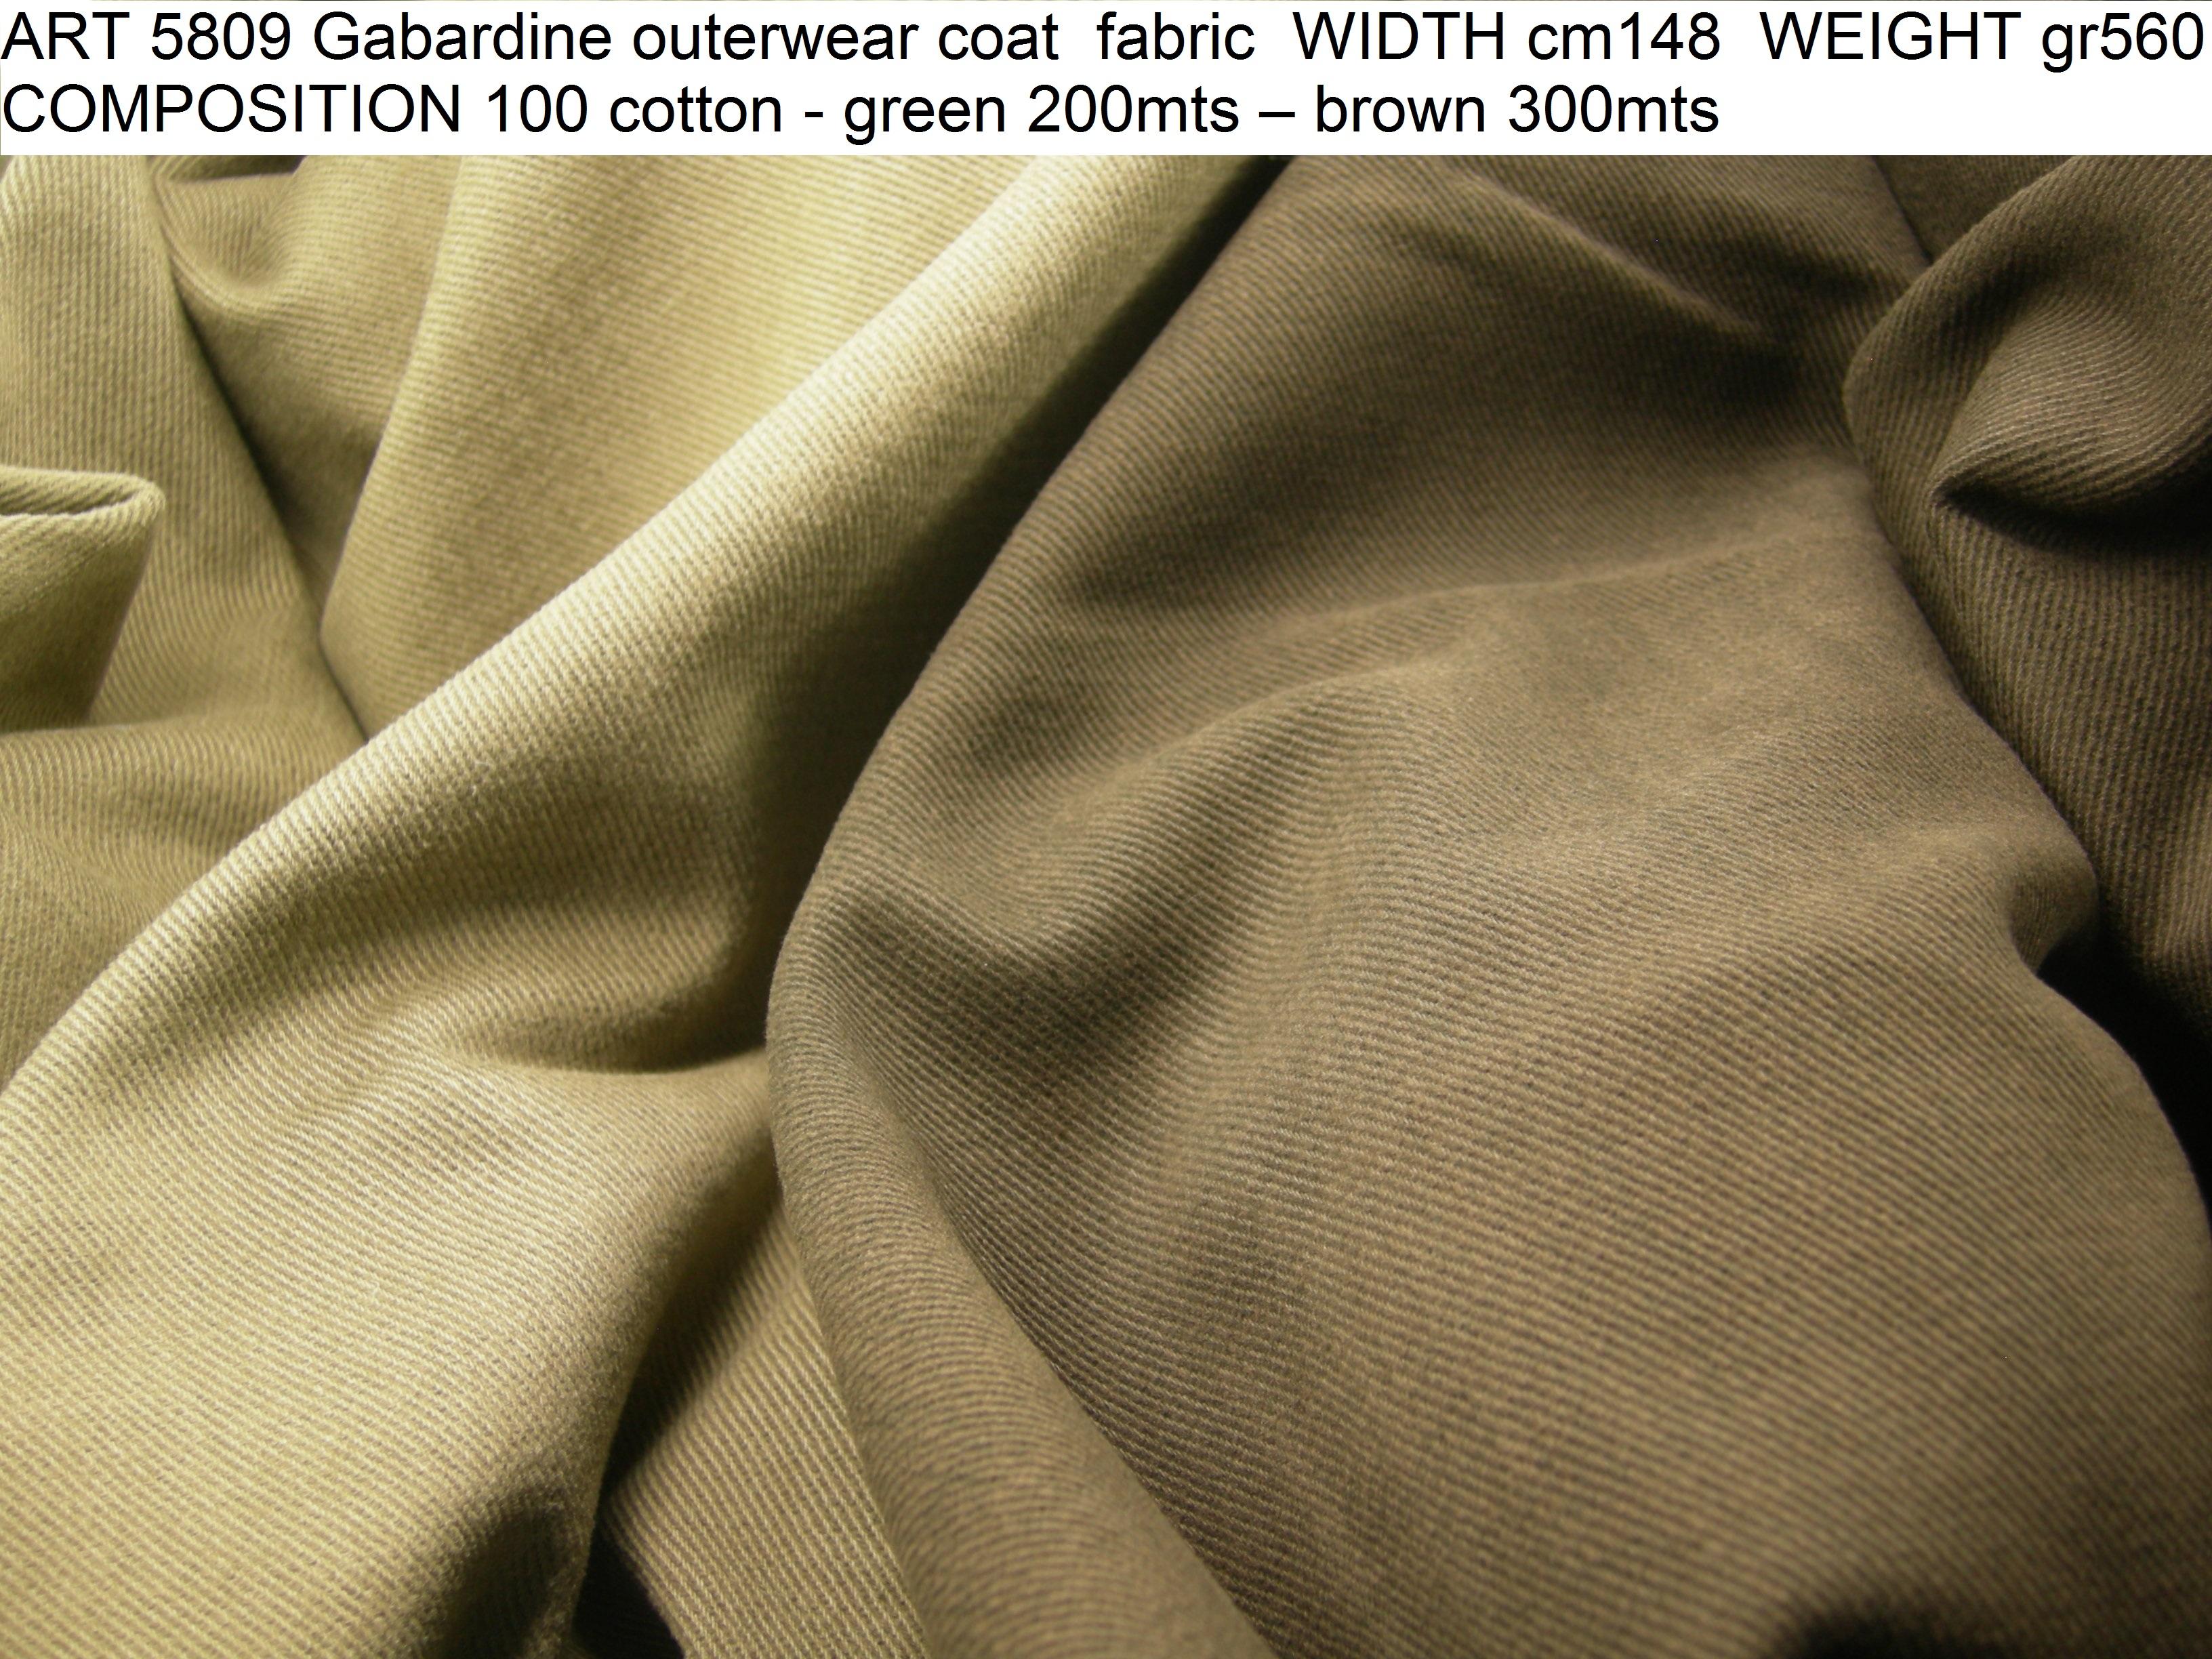 ART 5809 Gabardine outerwear coat fabric WIDTH cm148 WEIGHT gr560 COMPOSITION 100 cotton - green 200mts – brown 300mts